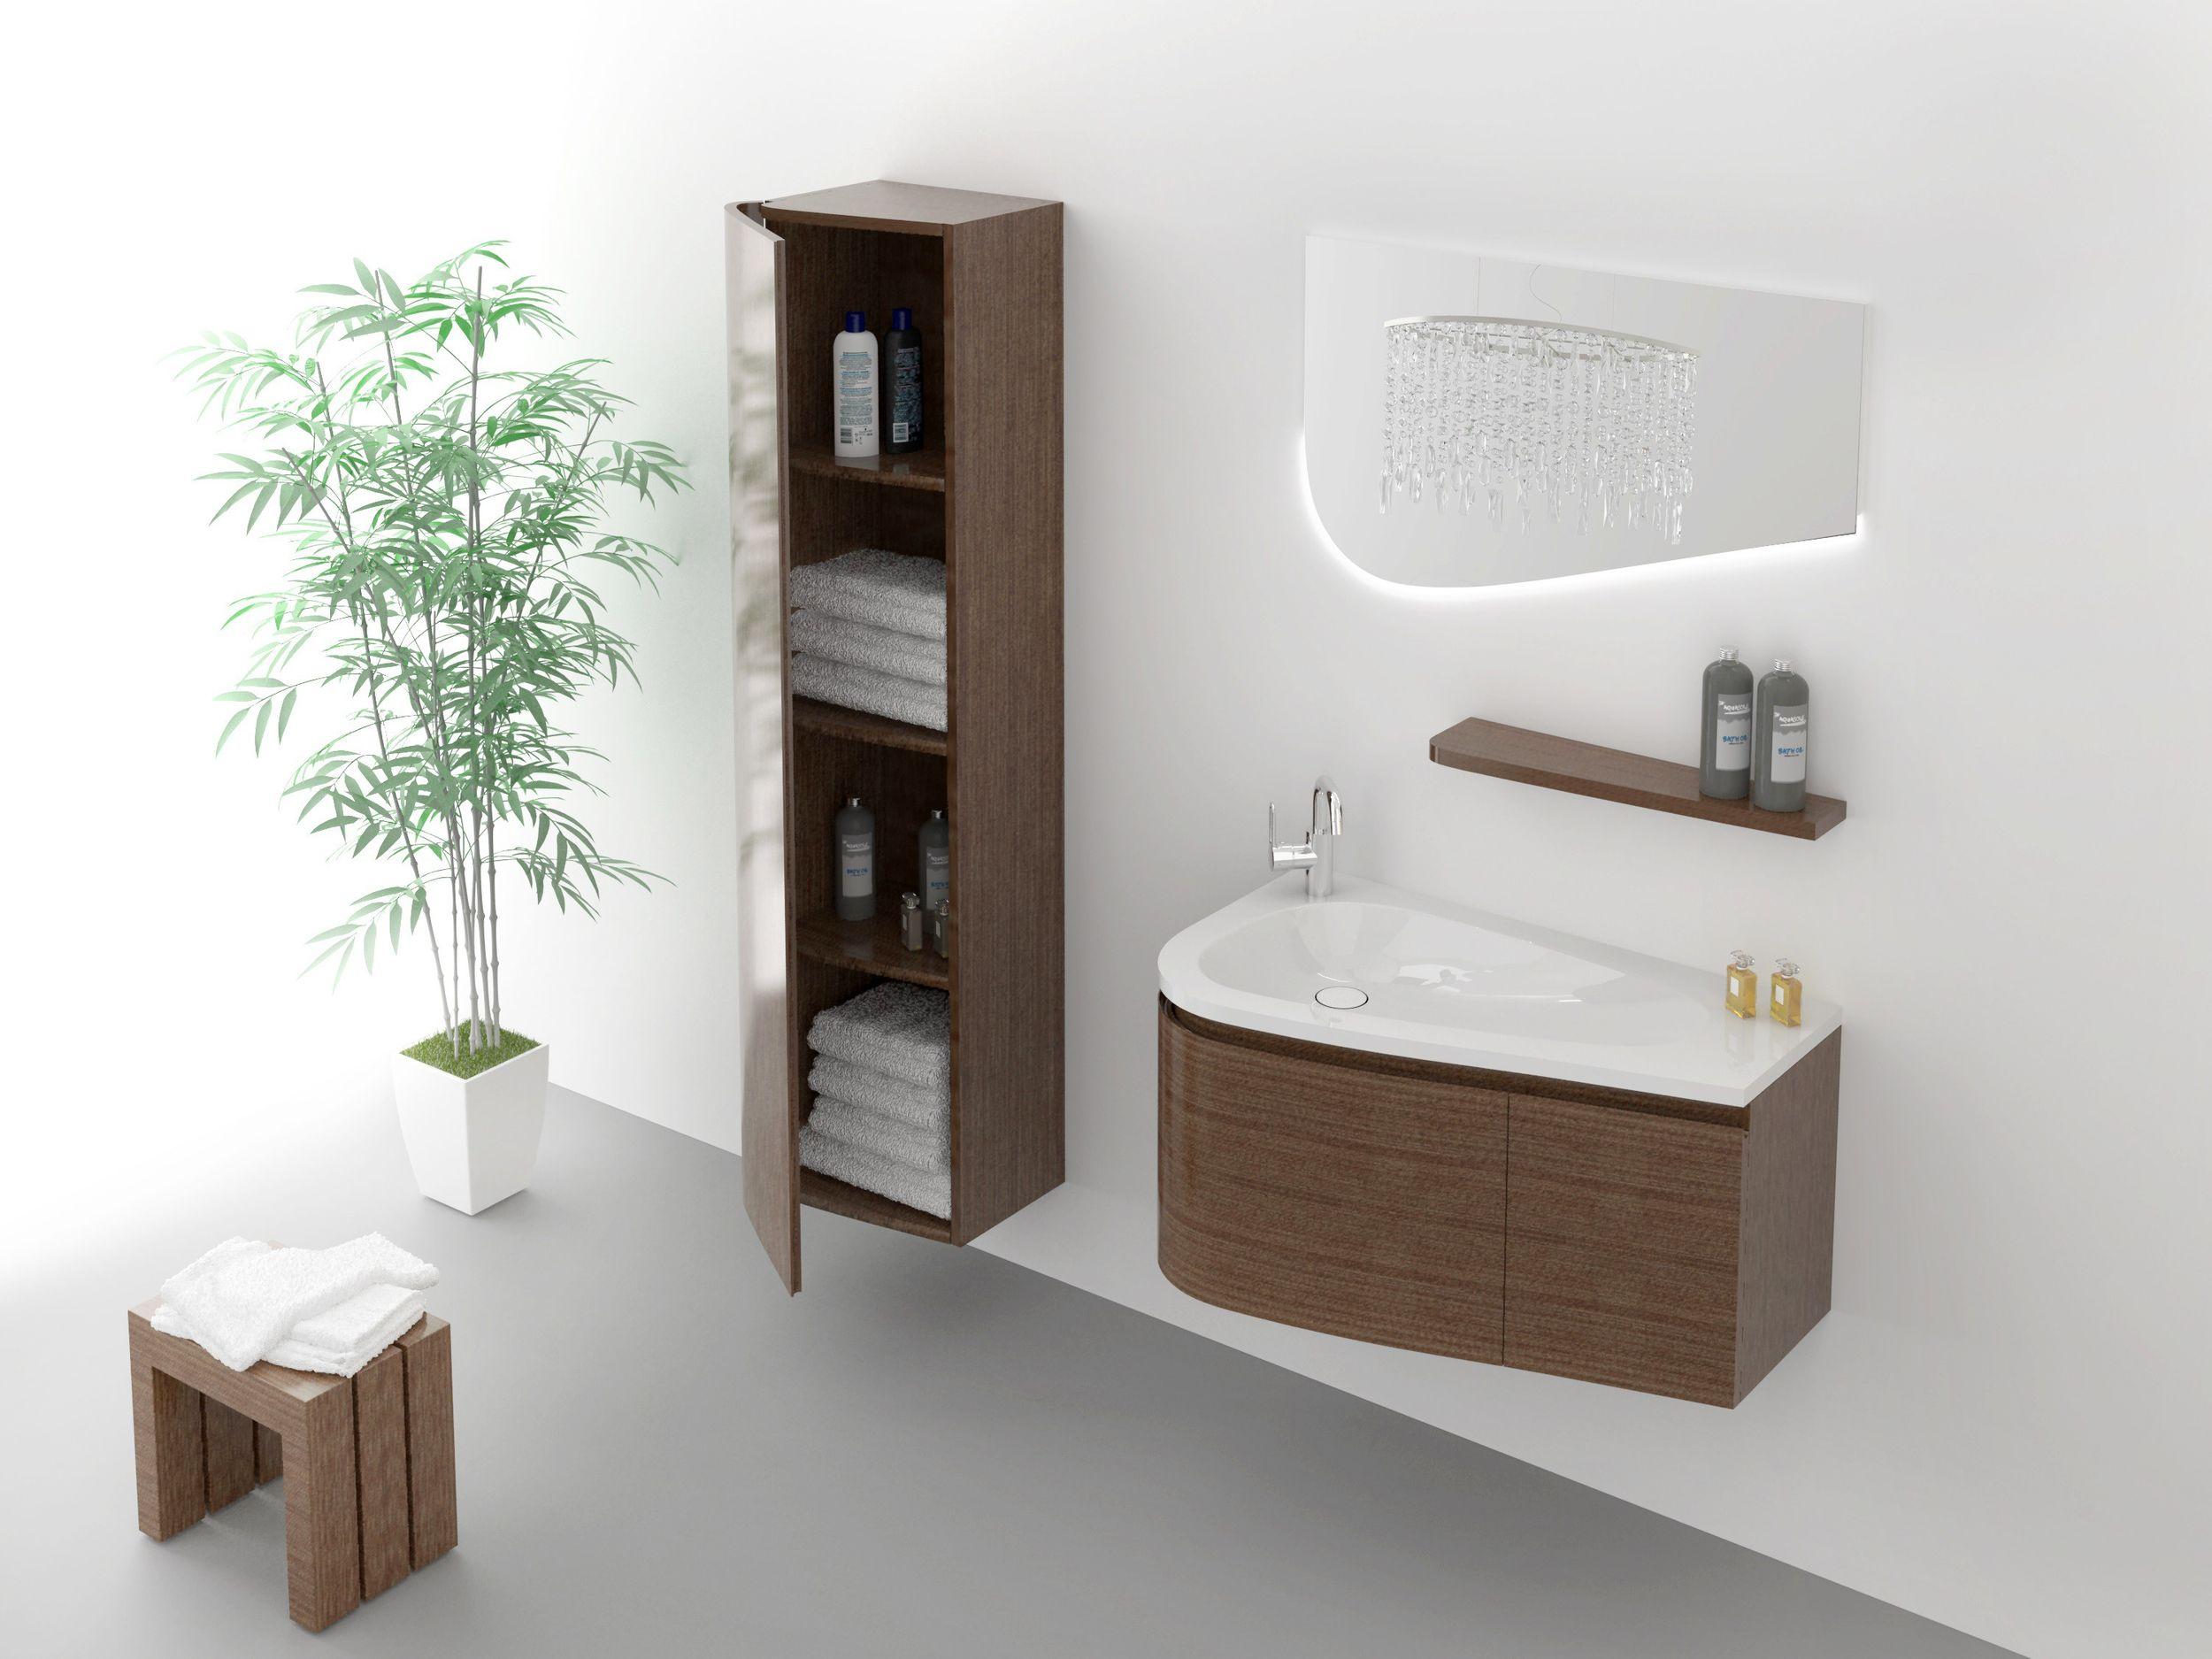 monaco set 90 cm braun badewelt badezimmer m bel serien sets. Black Bedroom Furniture Sets. Home Design Ideas